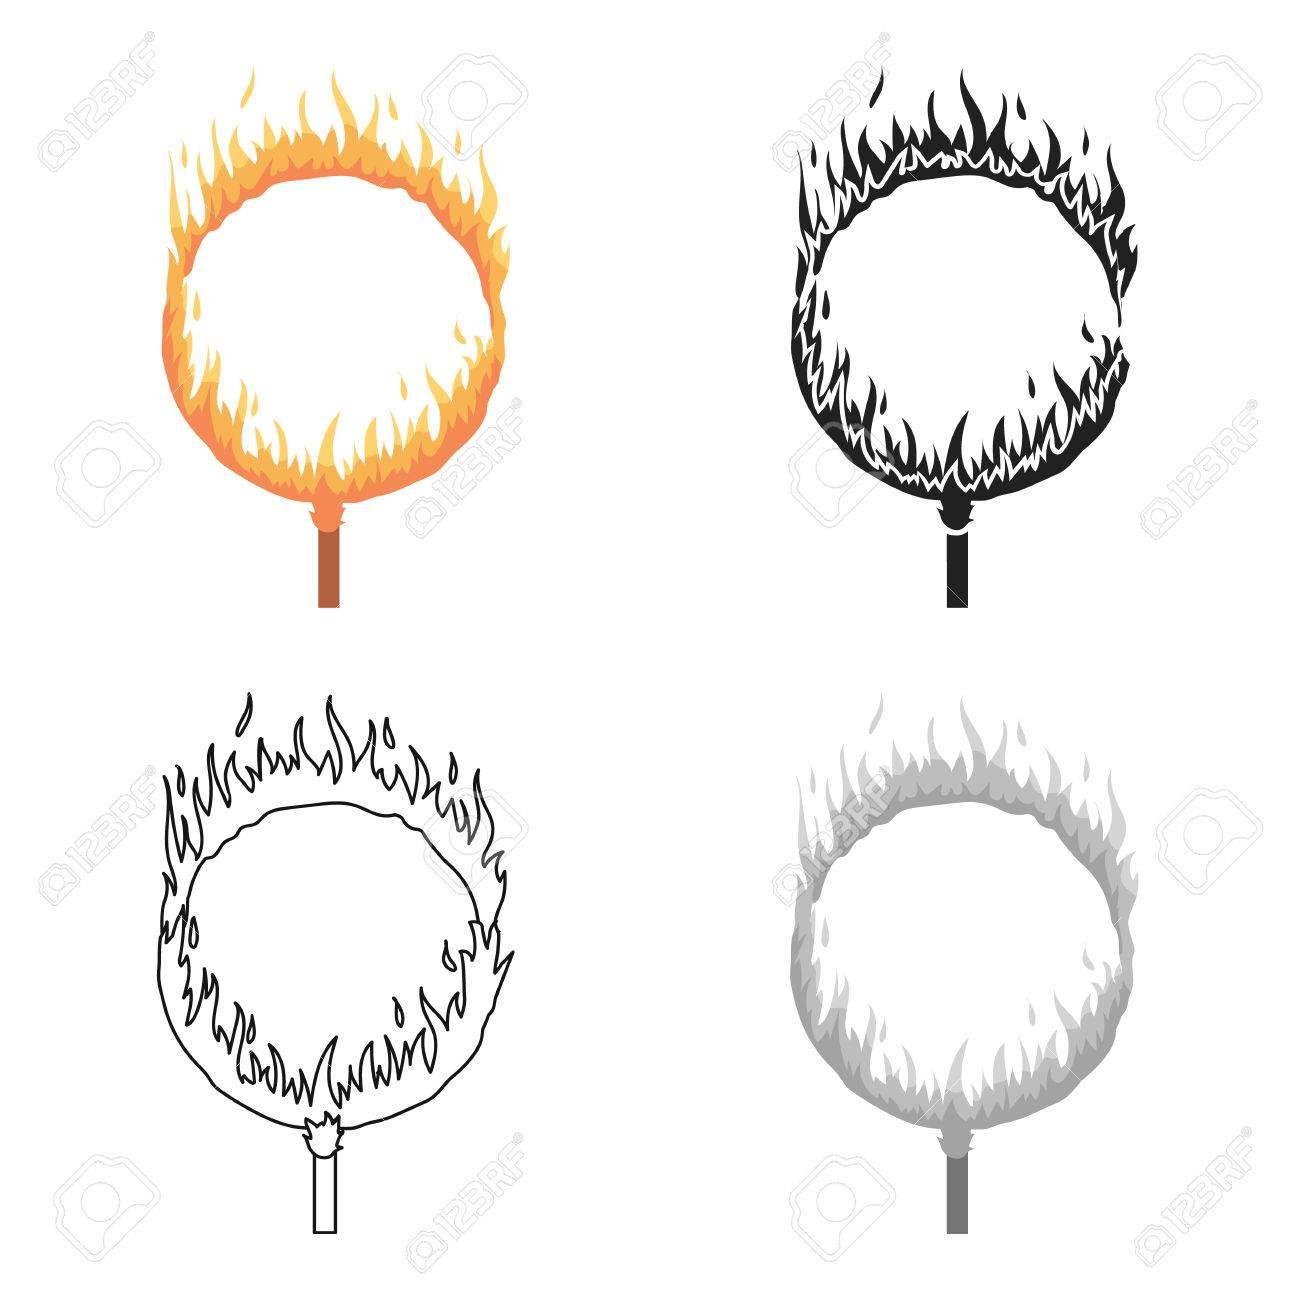 Wonderlijk Burning Hoop Icon In Cartoon Stijl Geïsoleerd Op Een Witte KI-68